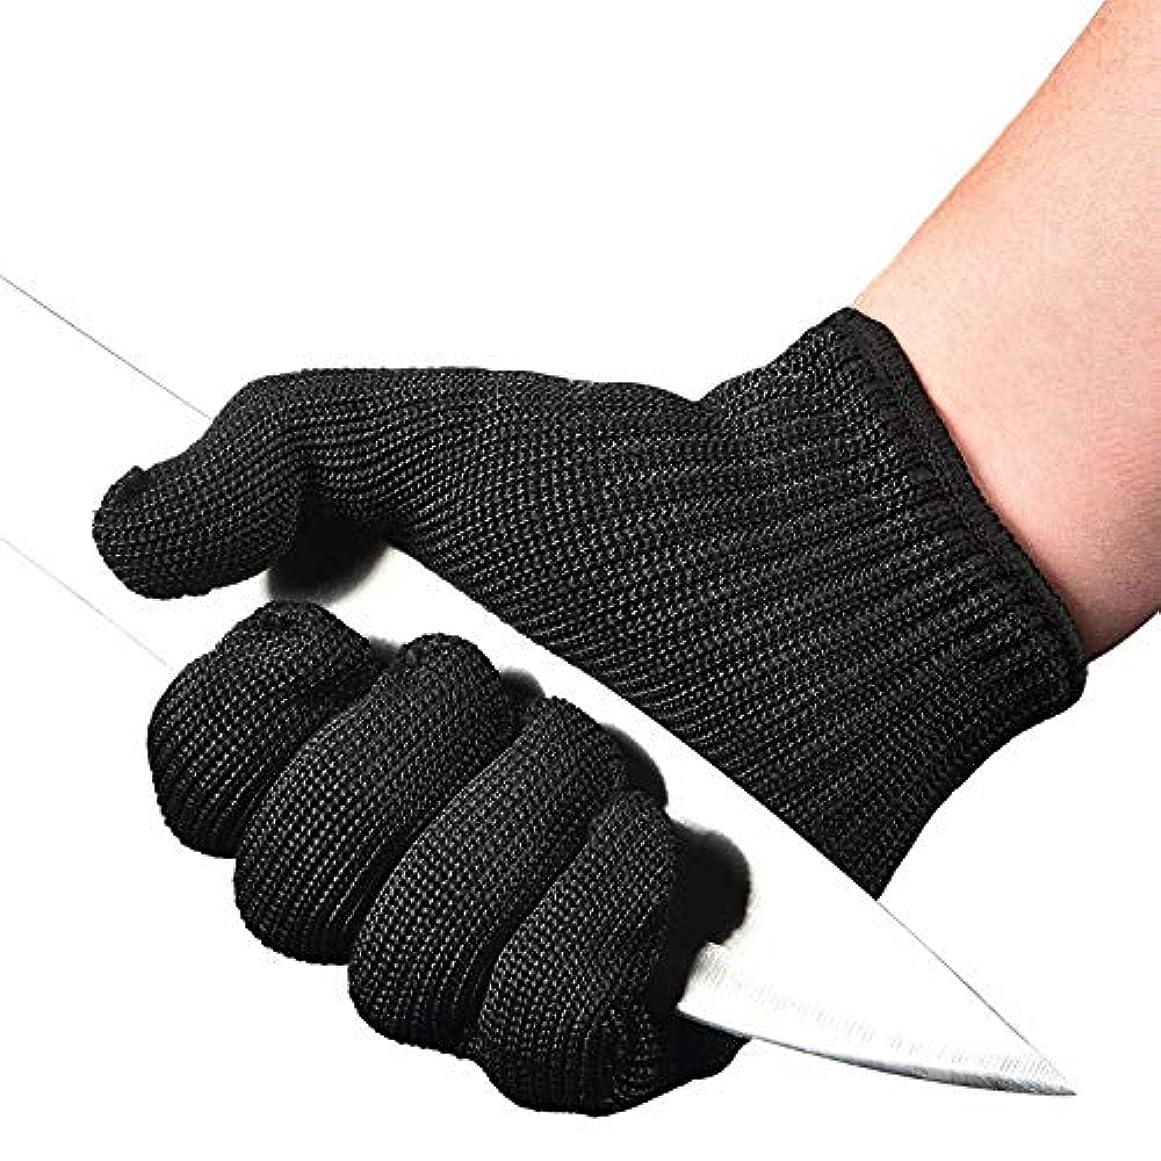 クリスチャン衝突する固体1ペアカット耐性の手袋食品グレードレベル5の保護、安全キッチンはオイスターShucking、魚フィレ加工用手袋をカット